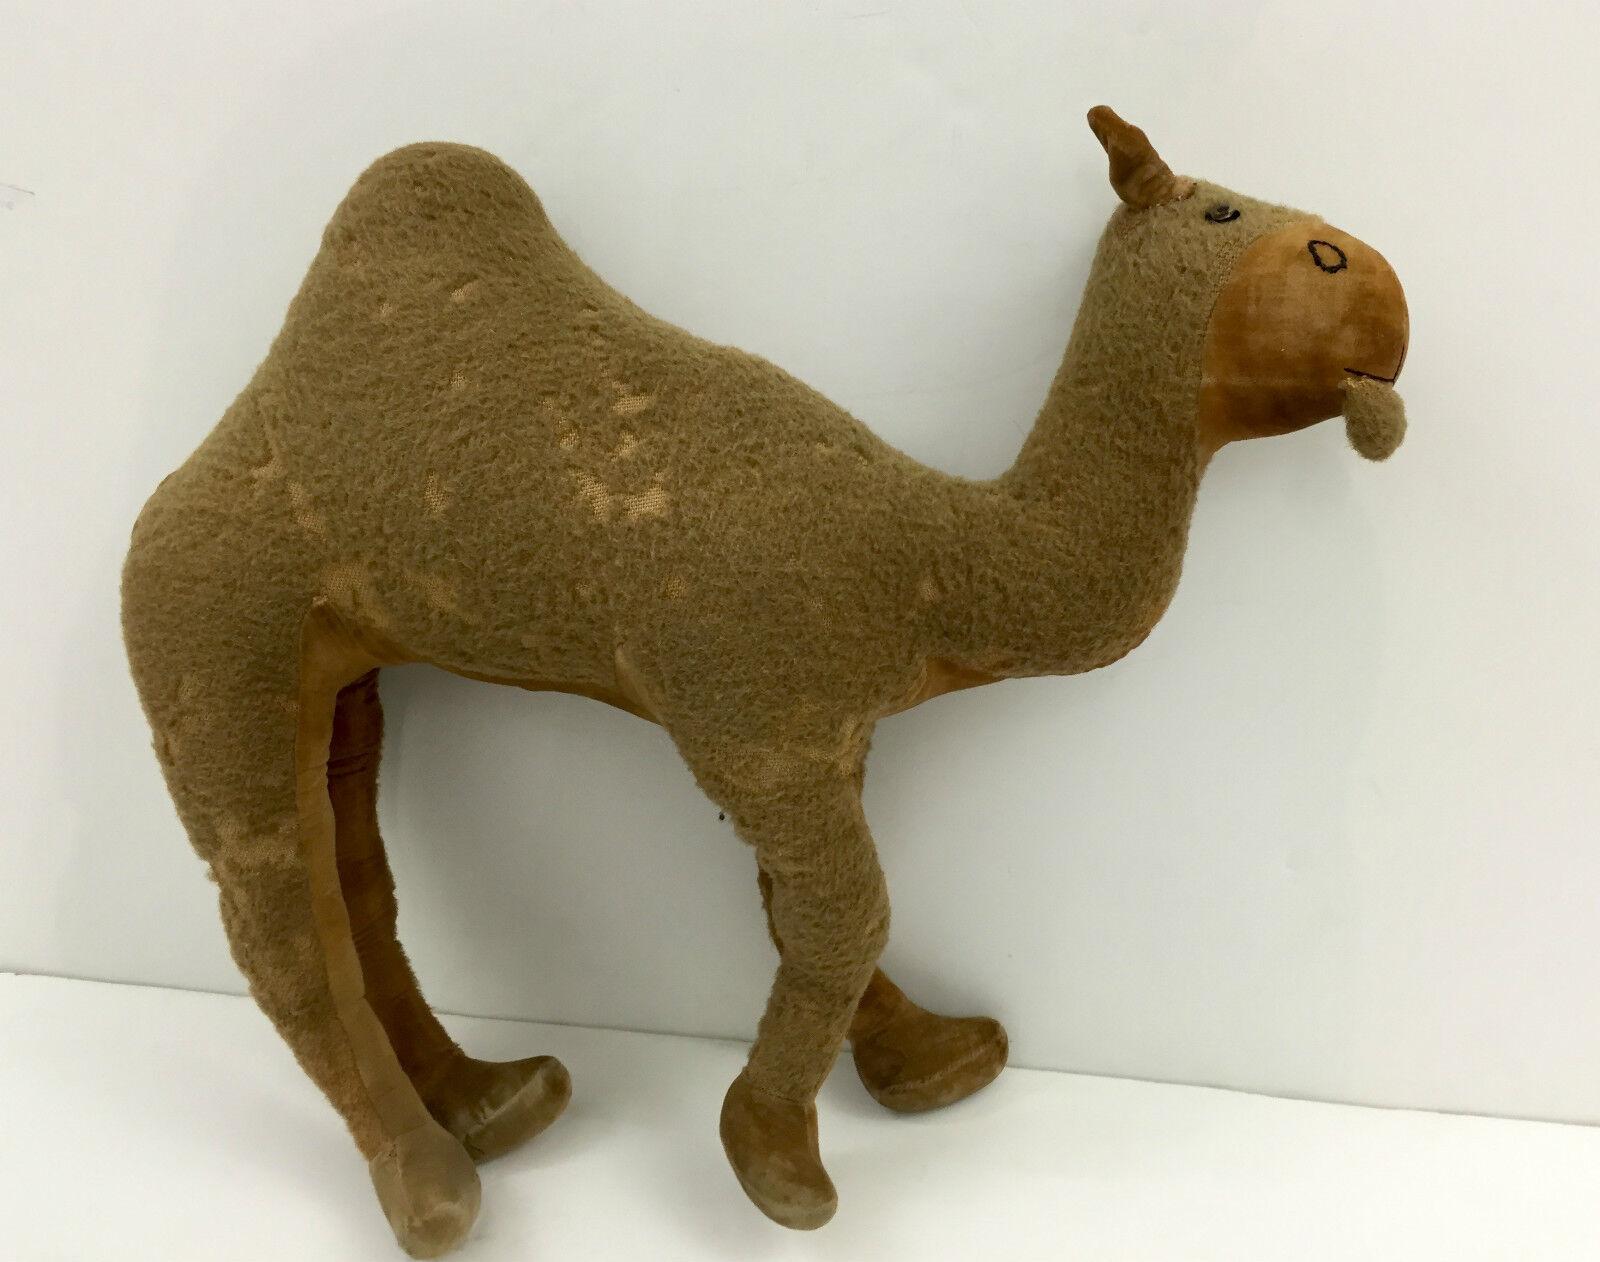 Camellos peludos, muñecas de camello, juguetes para niños.